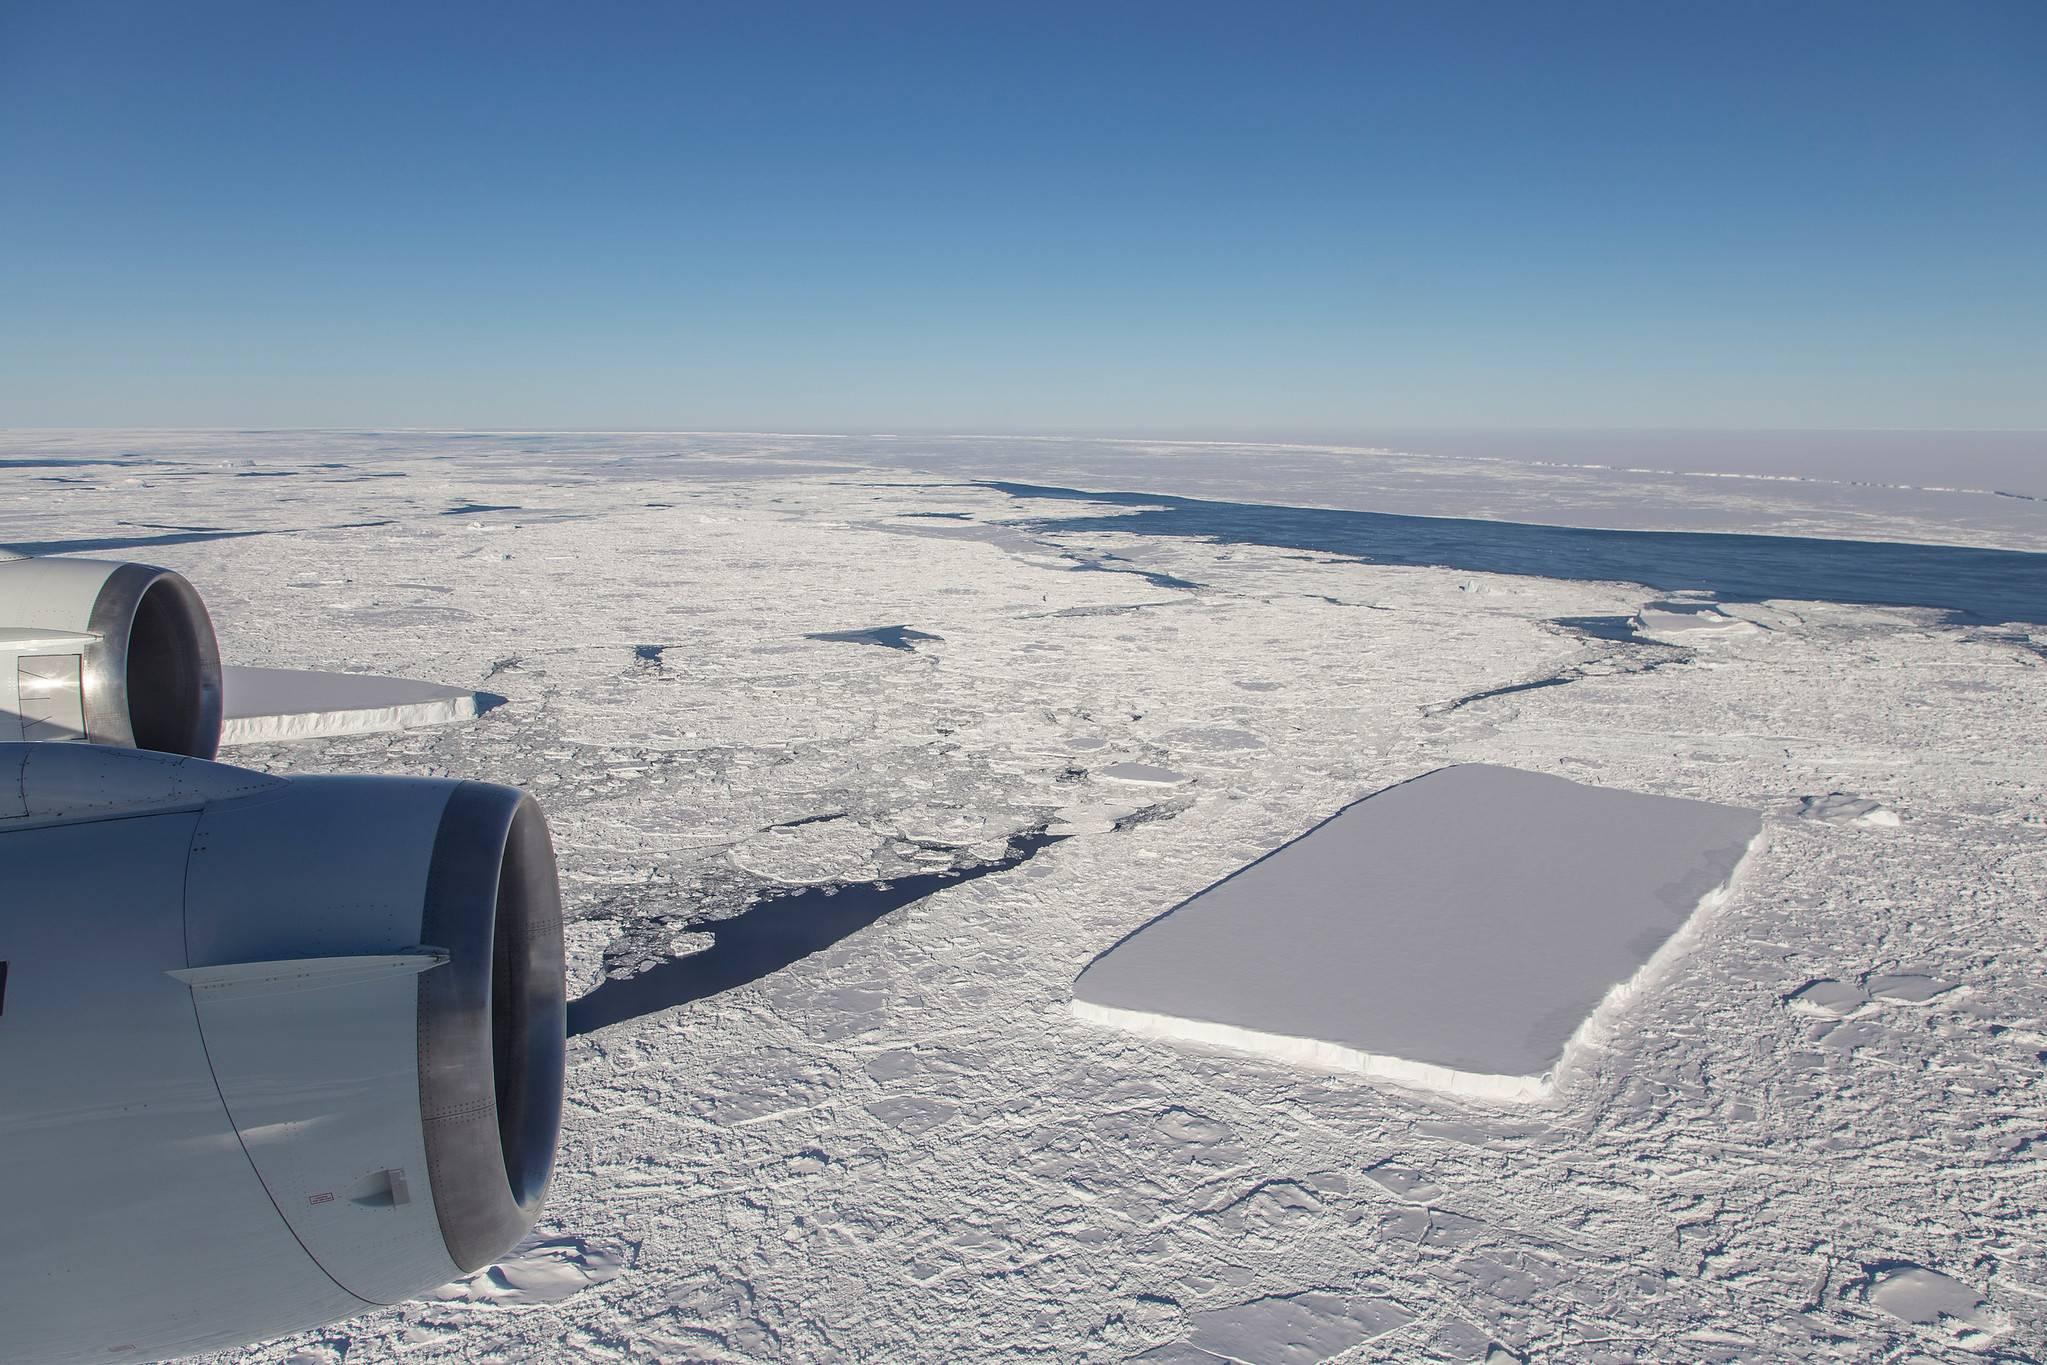 La NASA descubrió un impresionante iceberg rectangular en la Antártida